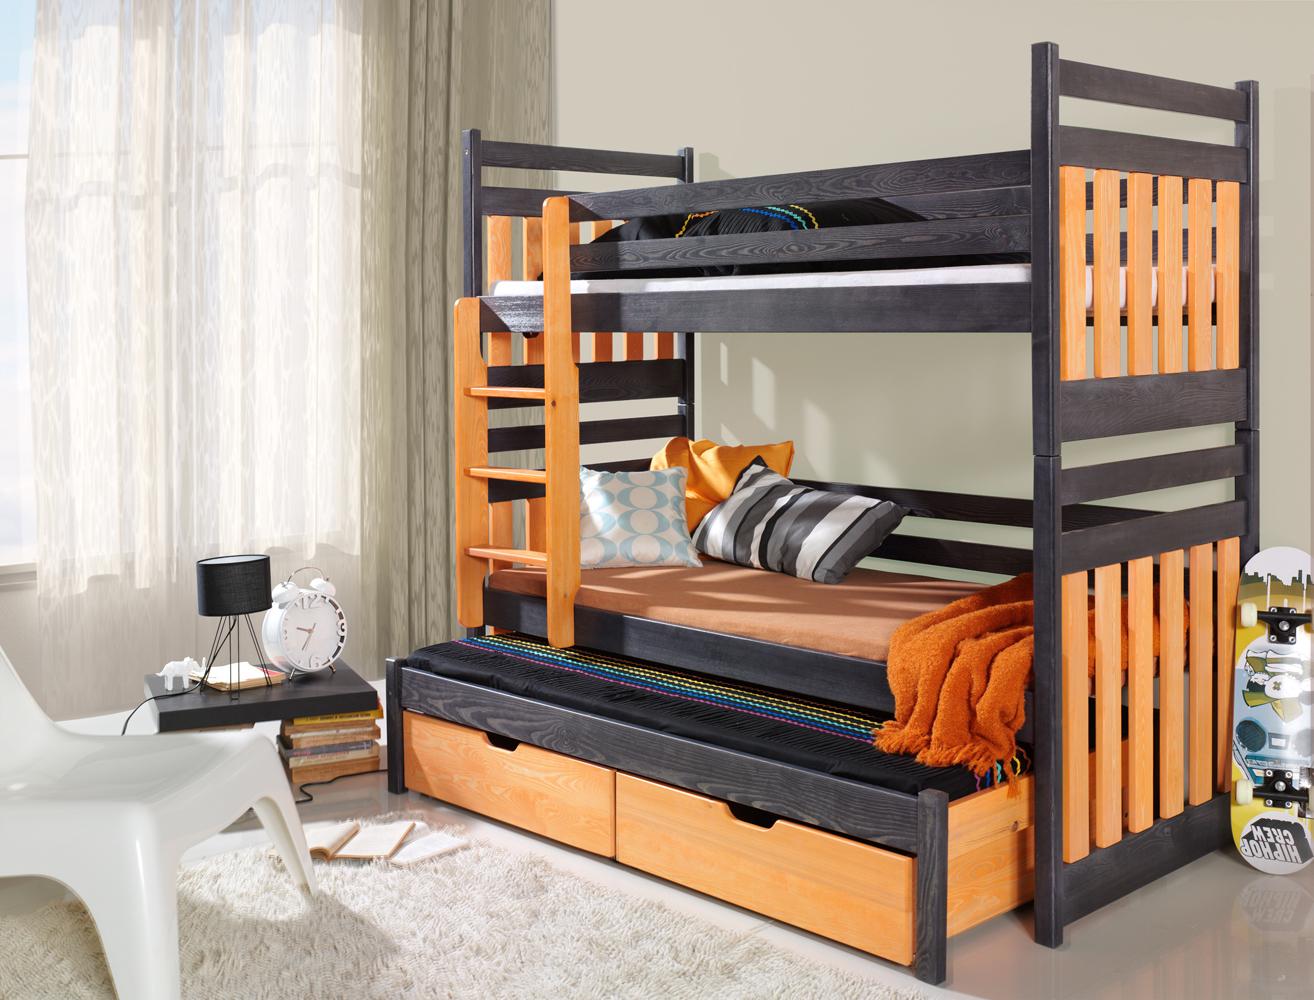 Купить Мебель - Кровати трехъярусные - Польша - кровать - 3 - трехъярусная - выдвижная - деревянная - MEBLObed - SAMBOR - Детская выдвижная двухъярусная кровать